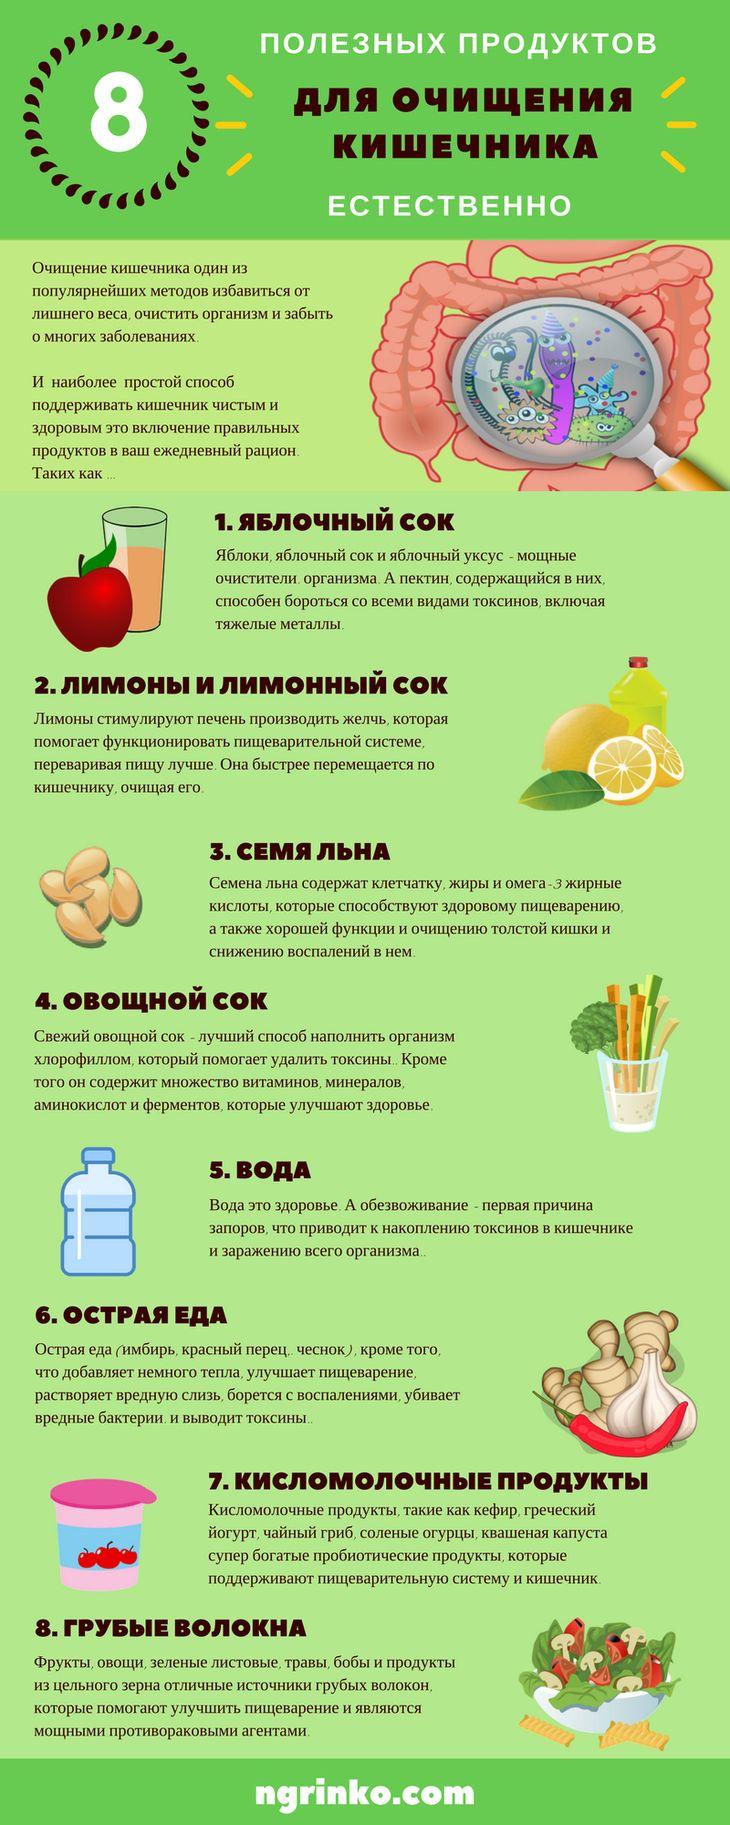 очистительная диета для кишечника